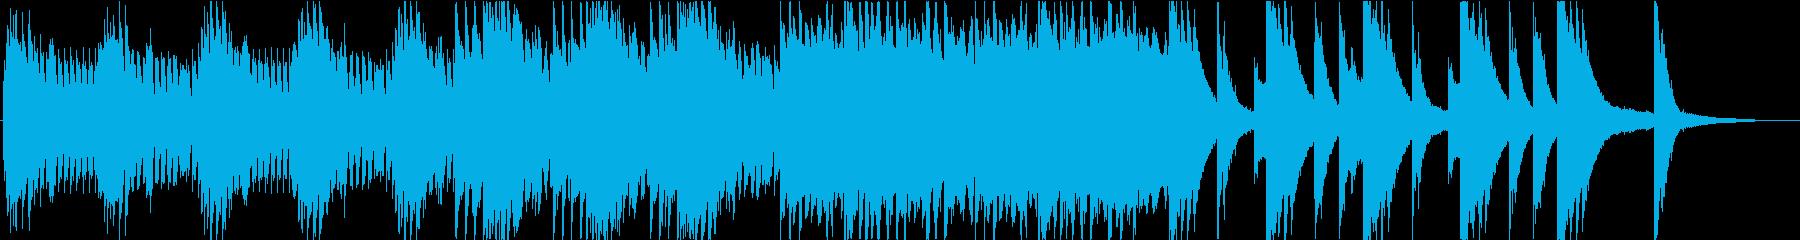 ピアノとエレピのドラマチックなBGMの再生済みの波形